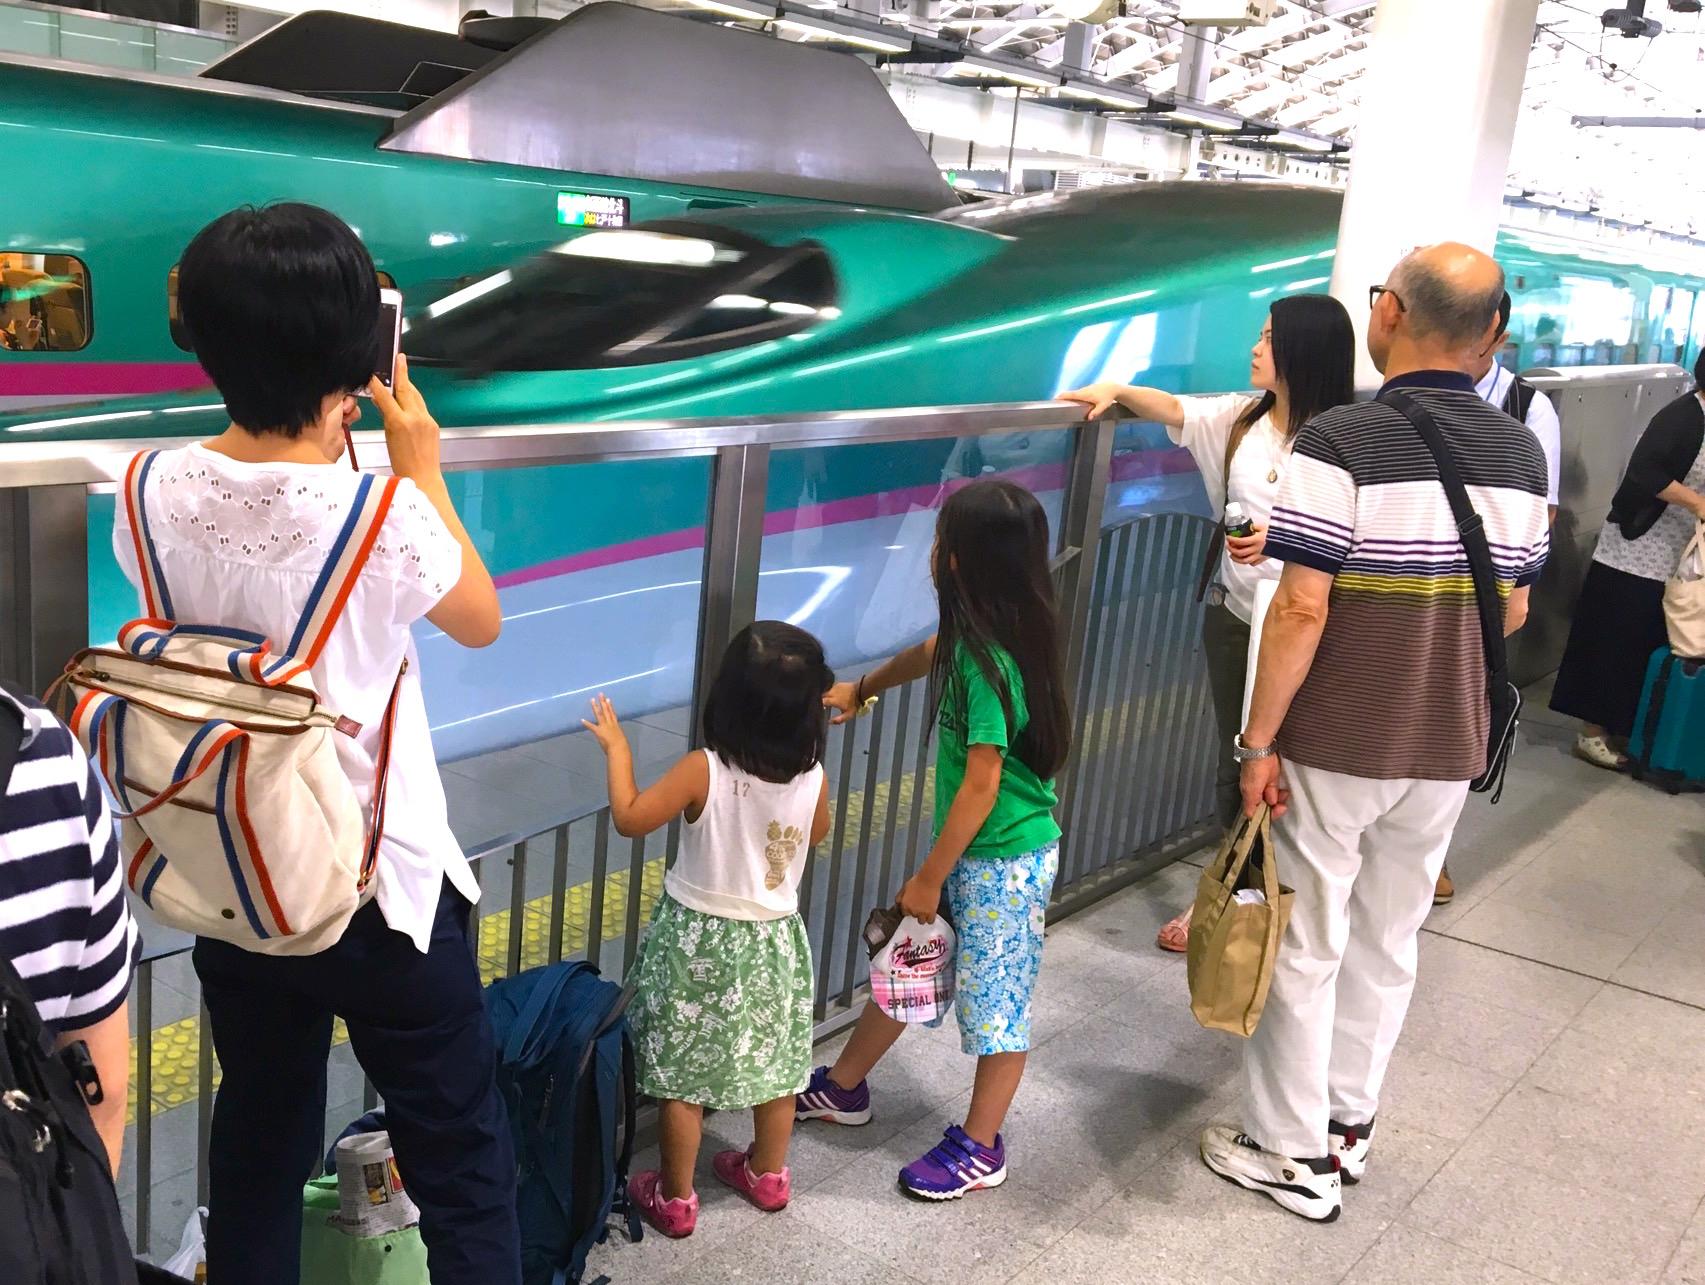 家族旅行の行き帰り電車で座れるかどうか心配な問題につき